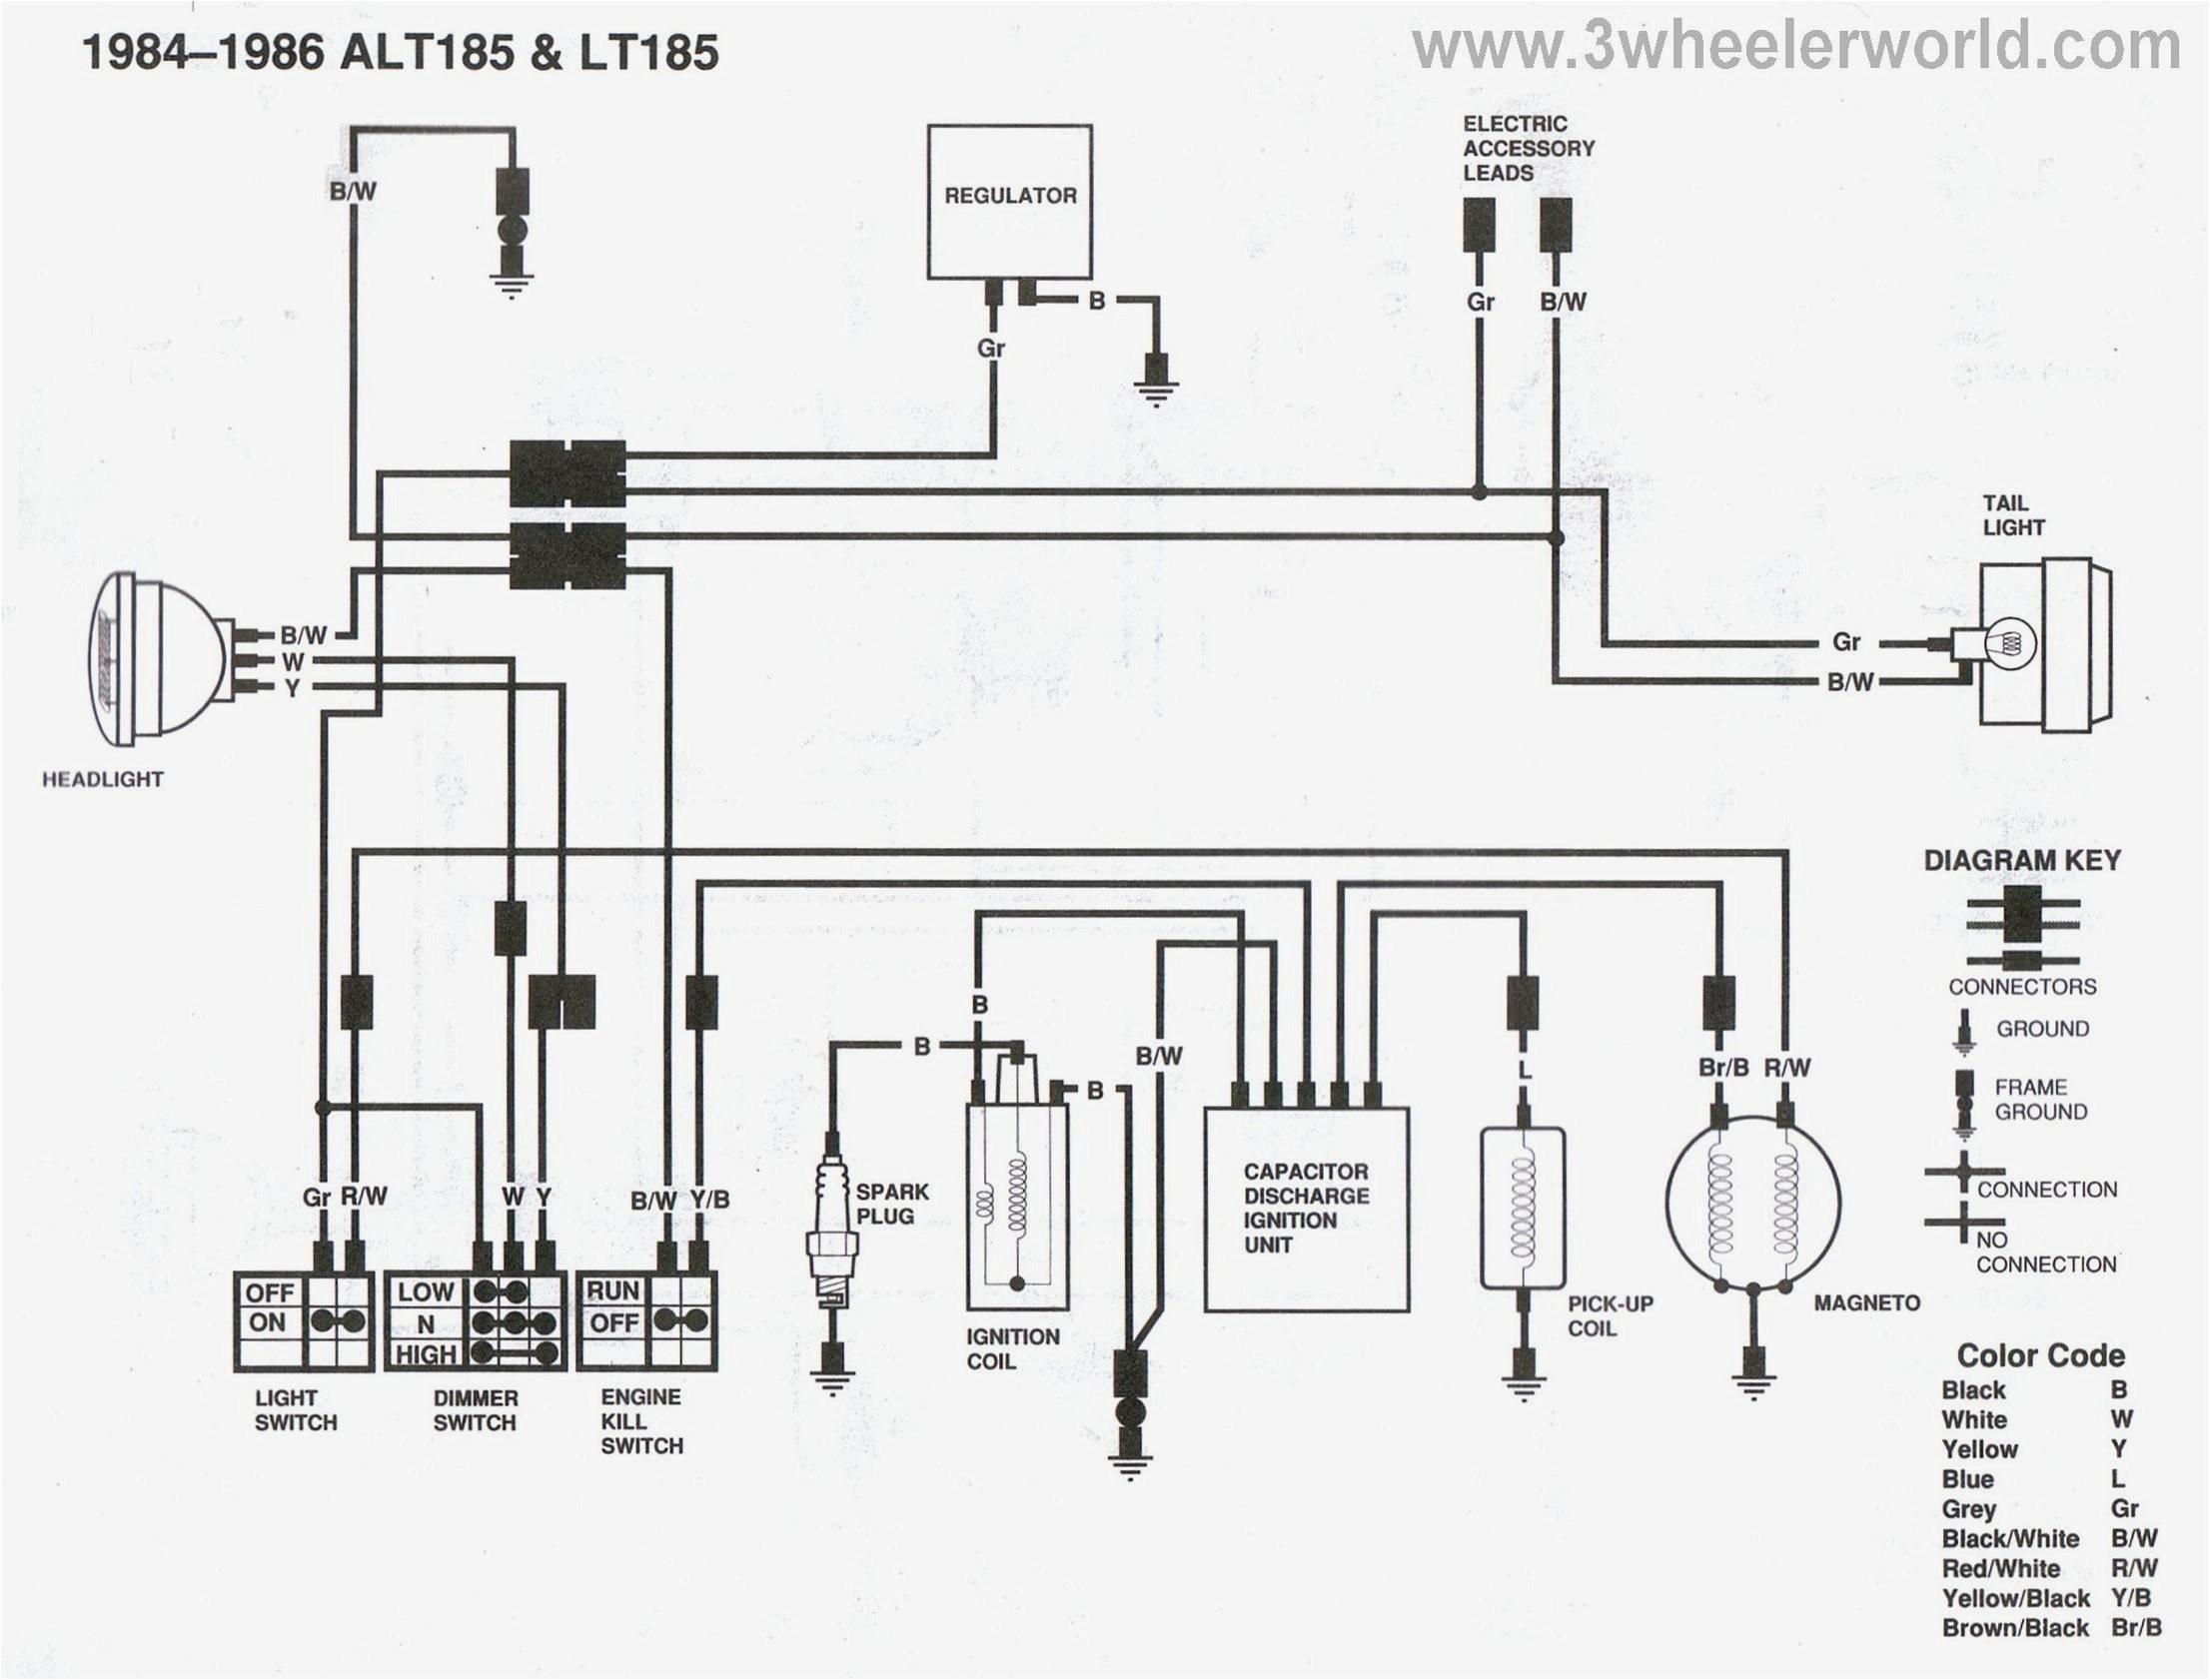 Sunnybrook Wiring Diagram Goodman Heating Wiring Diagram Enginee Diagrams Citroen Wirings1 Jeanjaures37 Fr